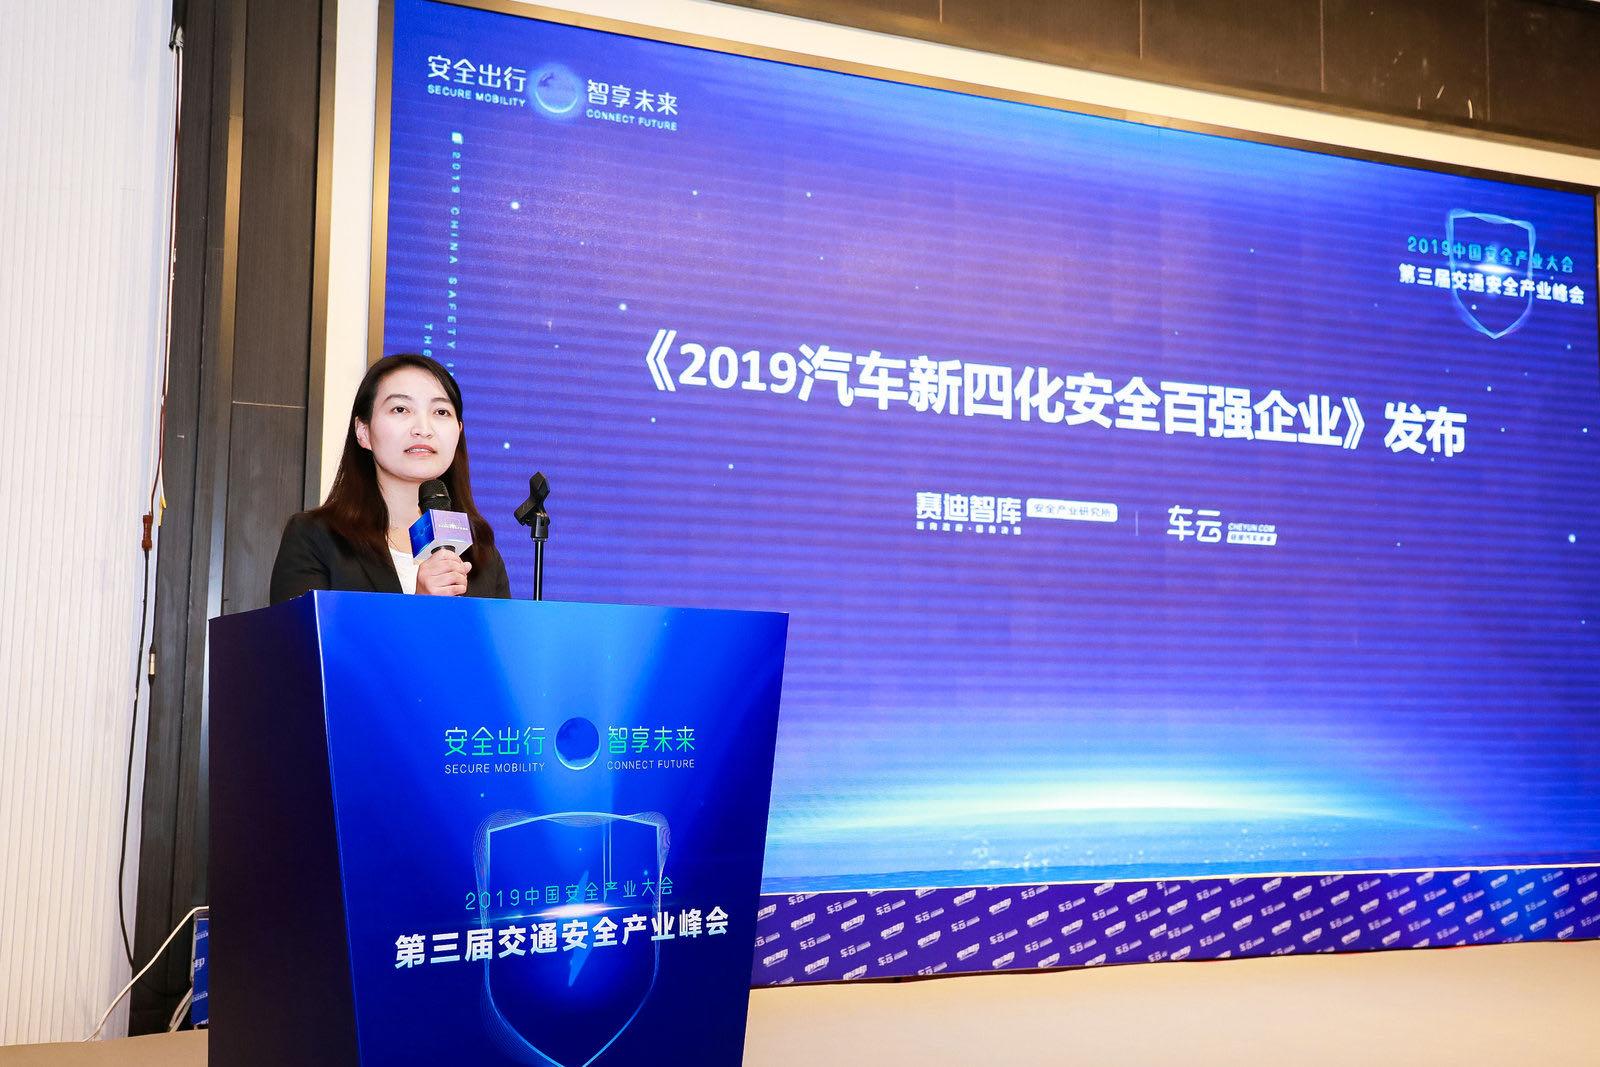 赛迪智库安全科技与服务研究所主任刘文婷